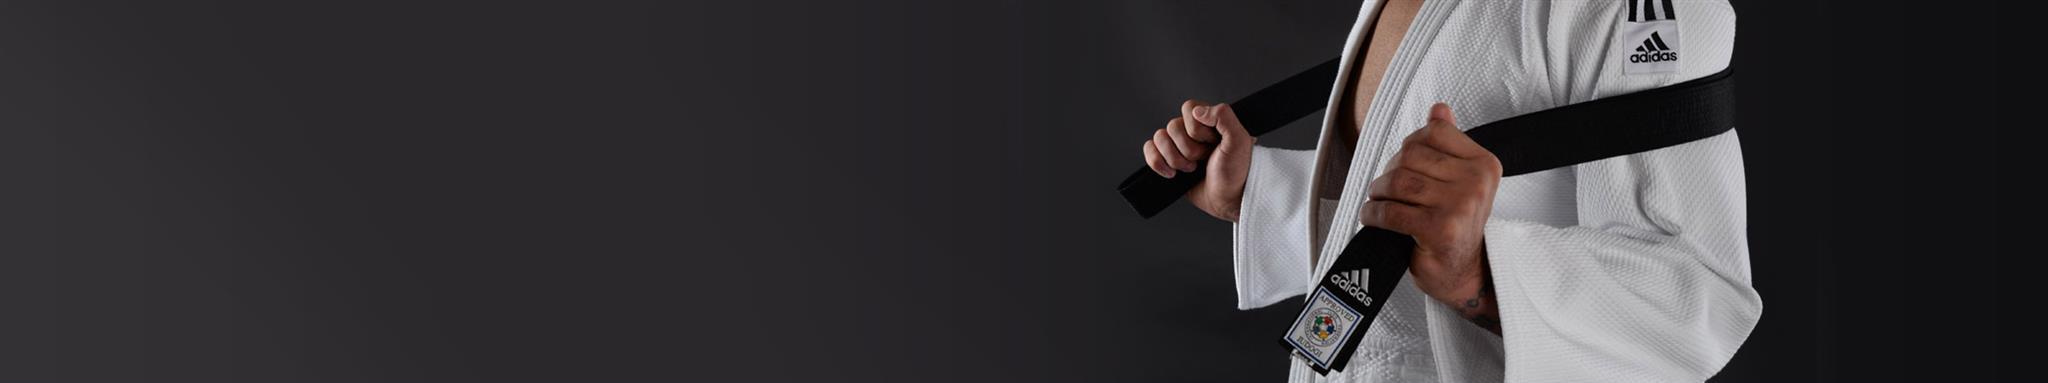 Judo : équipement & tenues de Judo (kimonos, ceintures) | Dragon Bleu